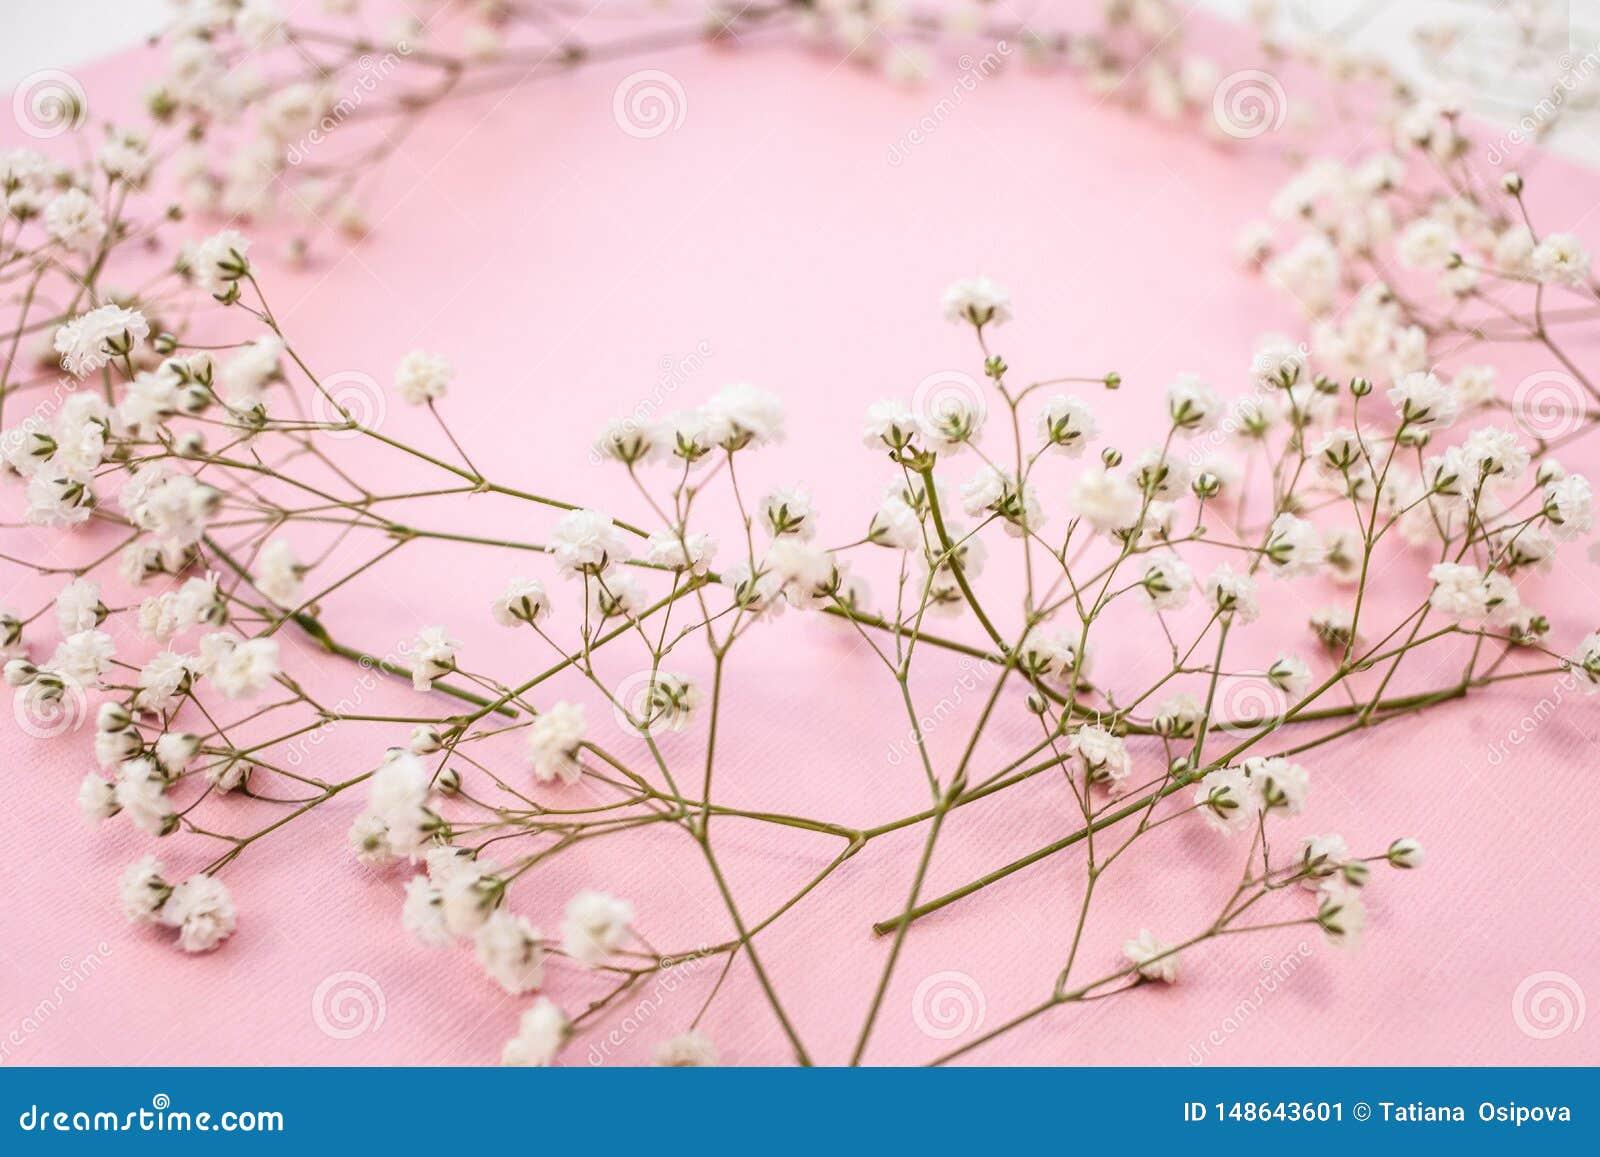 Wiosny minimalistic tło z wiankiem delikatna białych kwiatów łyszczec na różowym tle